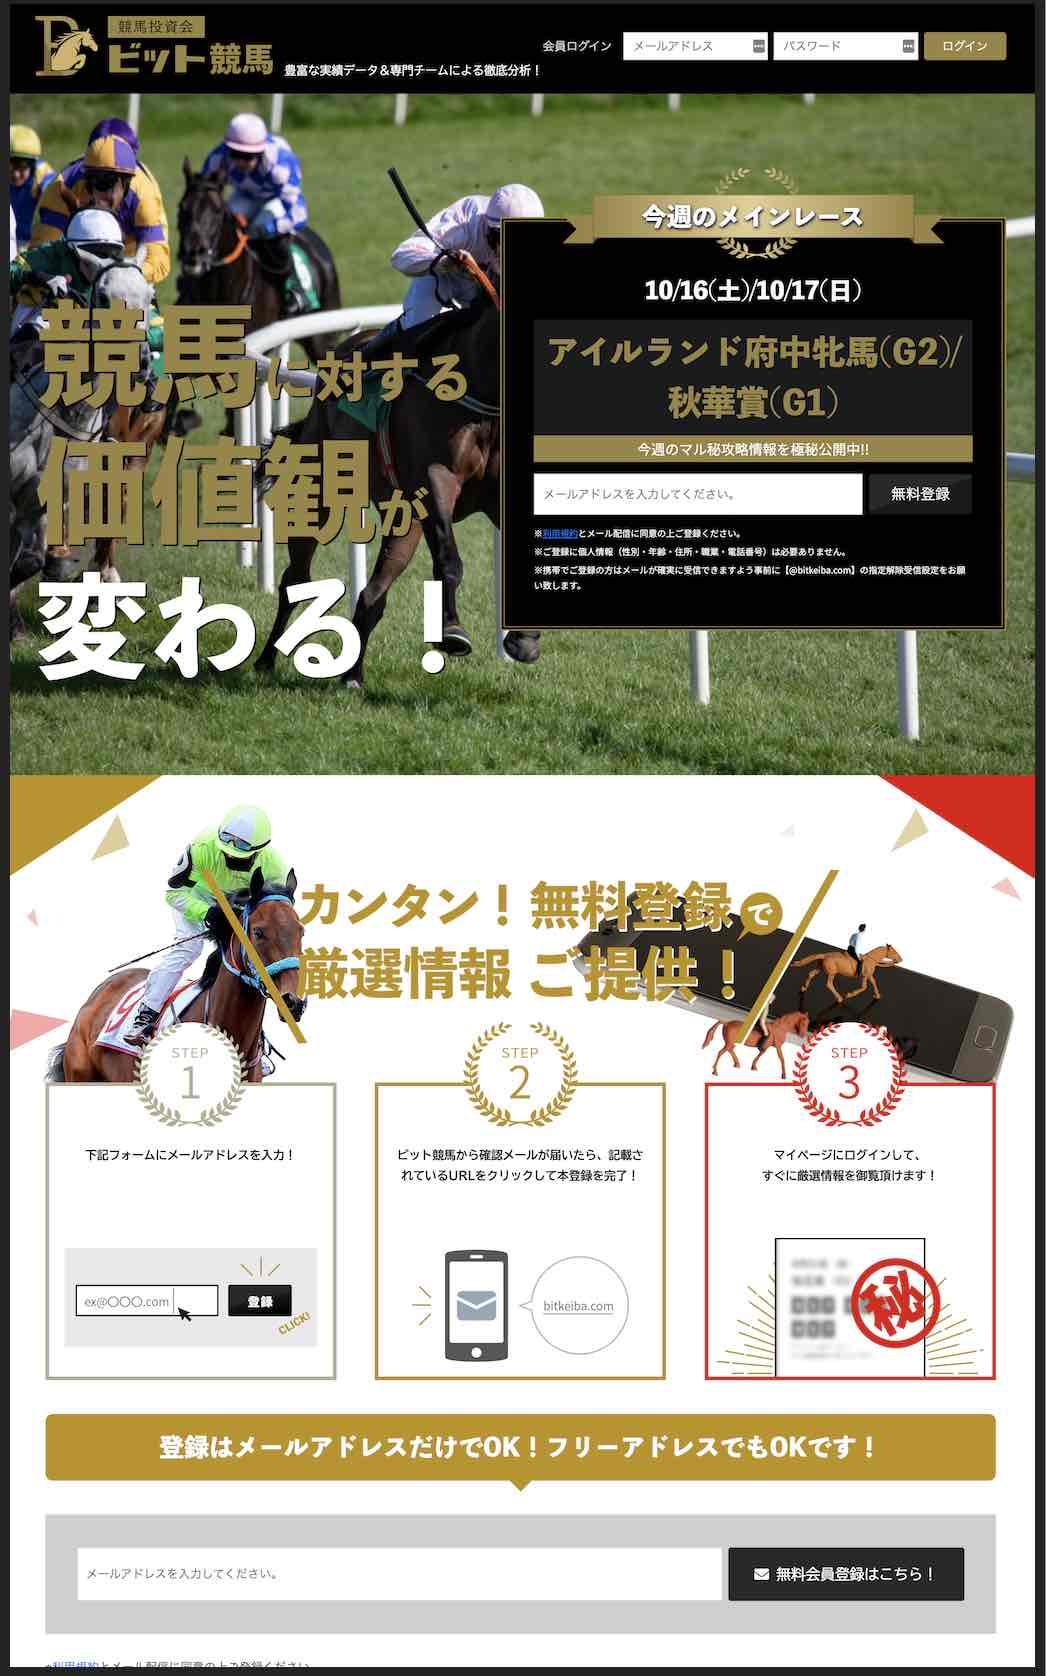 ビット競馬という競馬予想サイトの非会員ページ